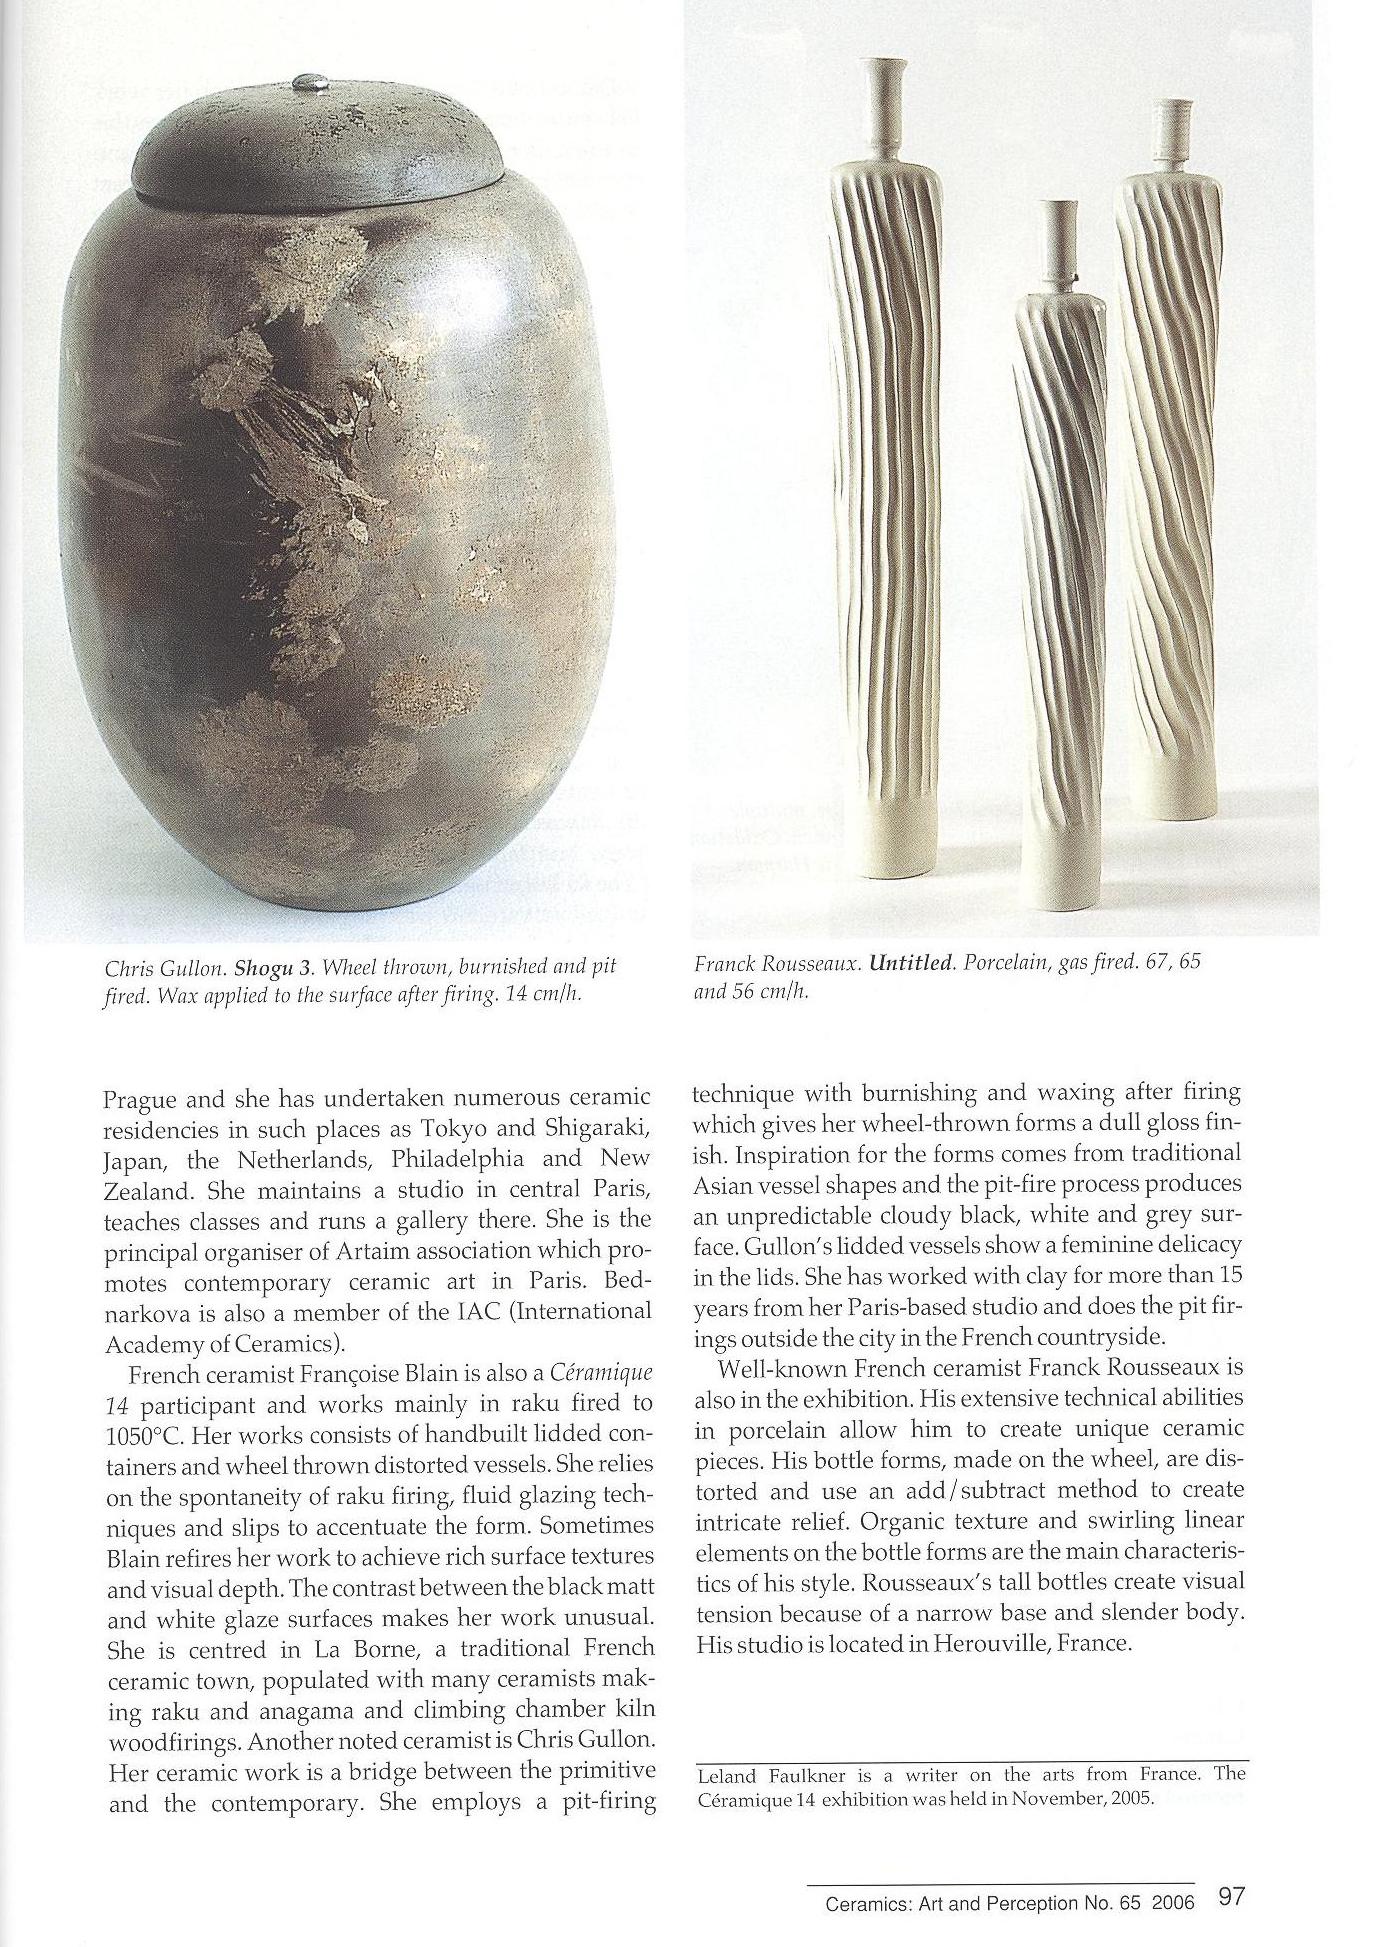 ceramique 14 press-13.jpg